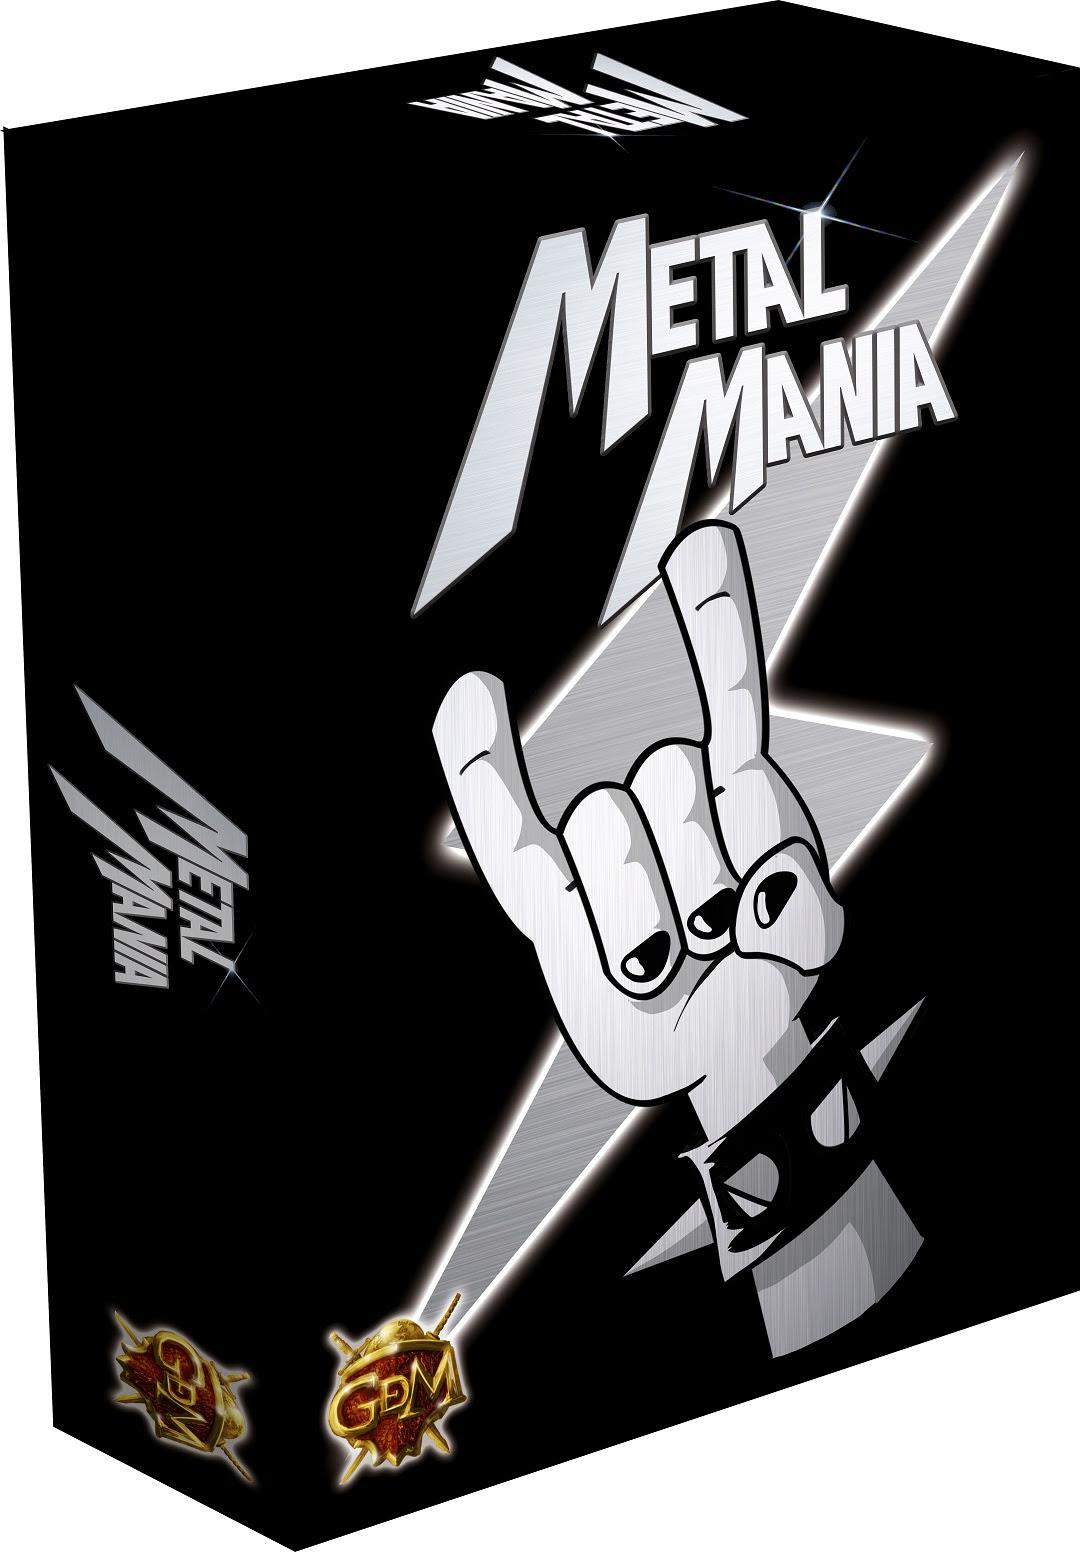 Resultado de imagen de metal mania verkami